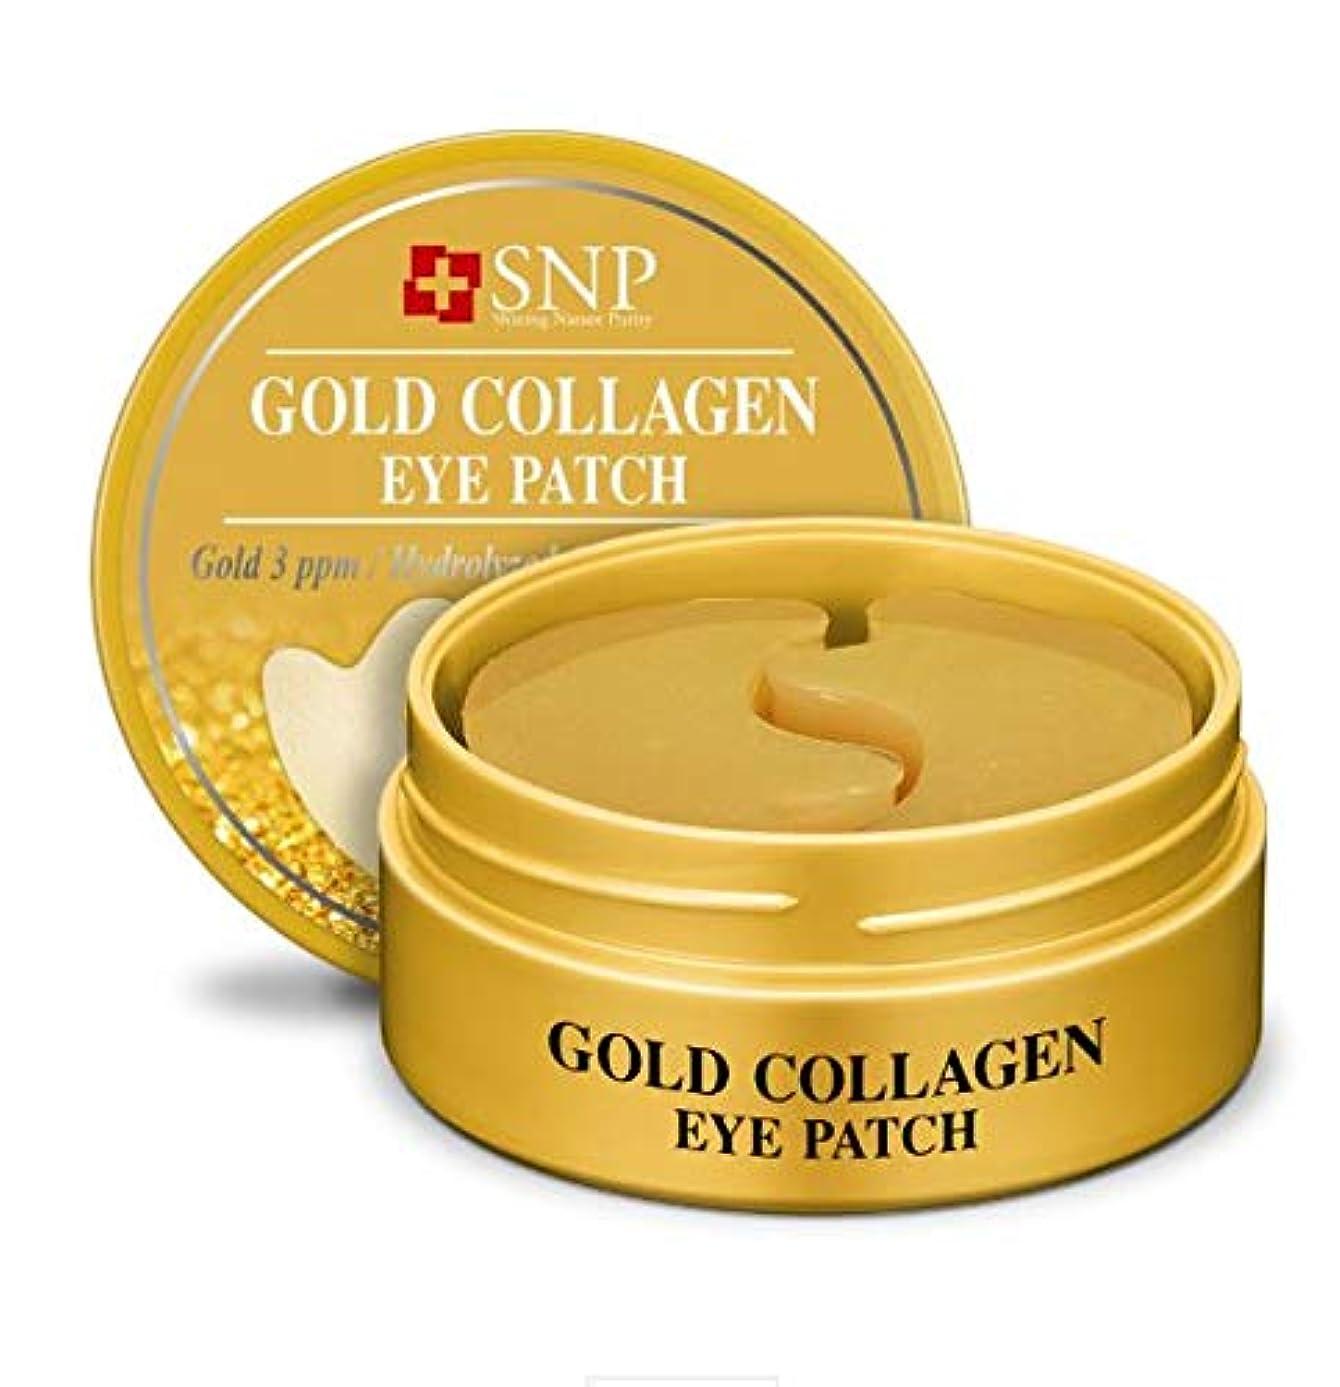 付き添い人海外独占SNP Gold Collagen Eye Patch 60ea/SNP ゴールド コラーゲン アイパッチ 60枚入り [並行輸入品]